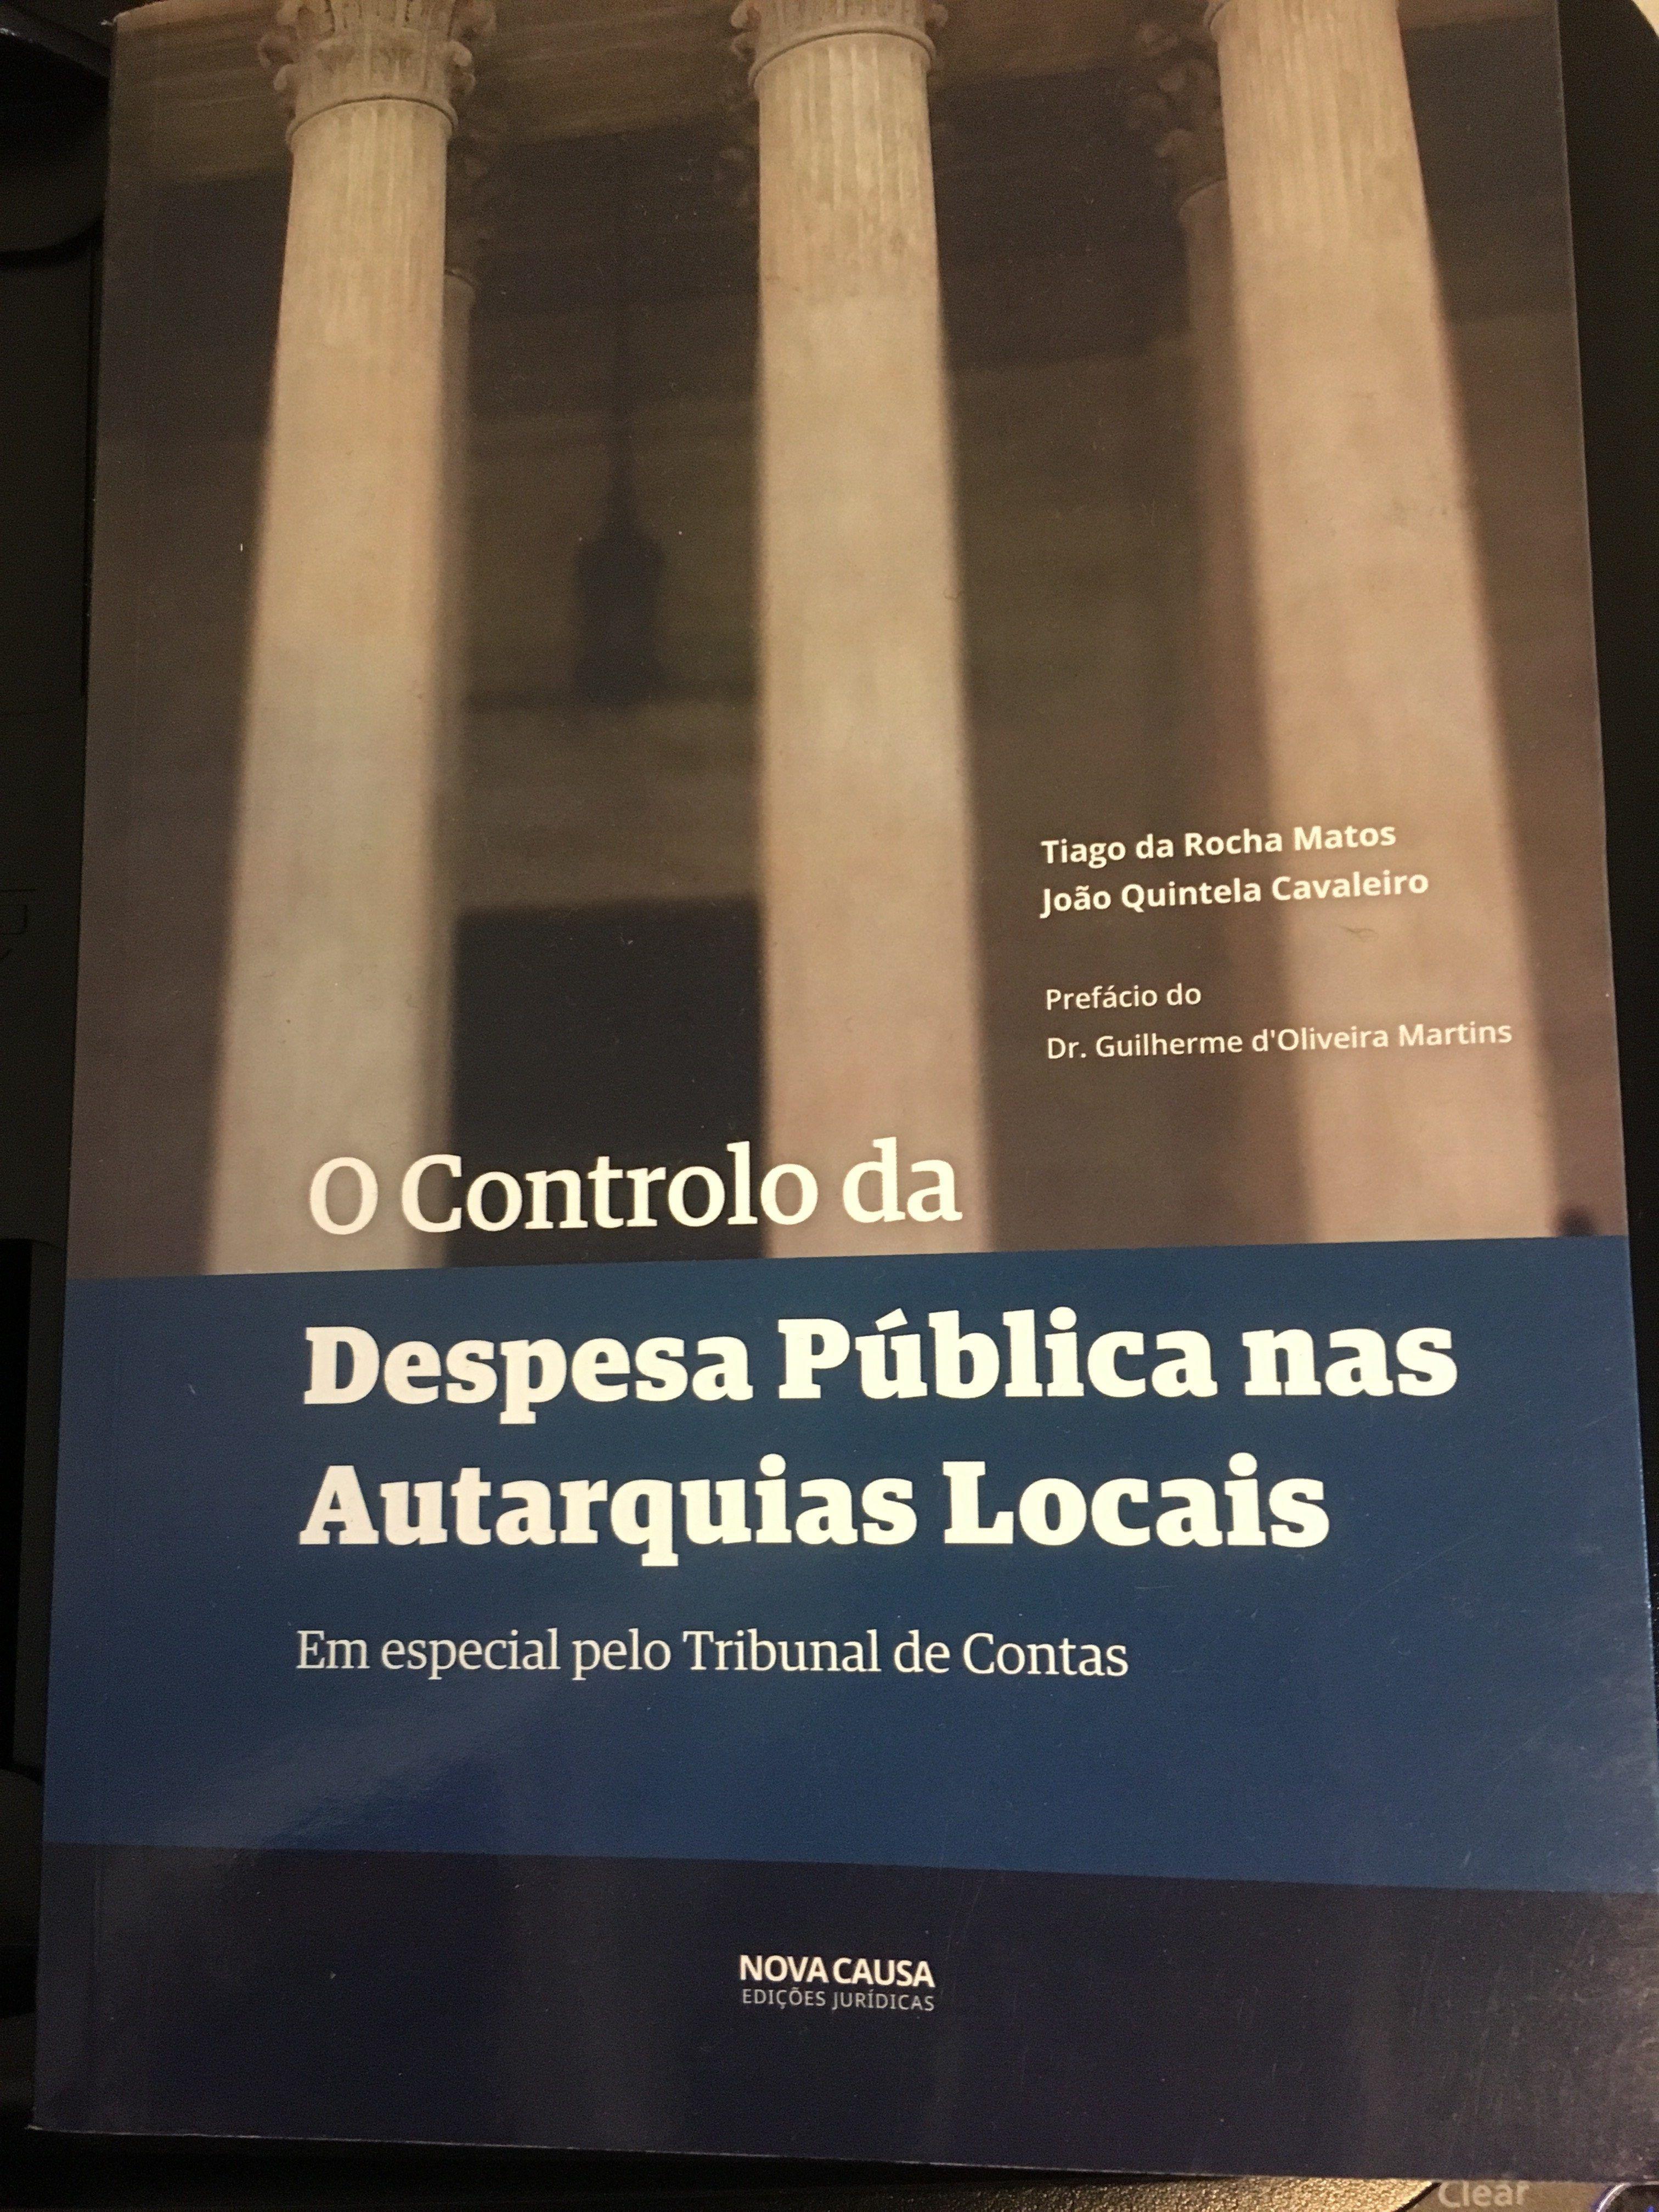 """Livro """"O controlo da despesa pública nas autarquias locais – em especial pelo Tribunal de Contas"""" de João Quintela Cavaleiro e Tiago Rocha Matos"""